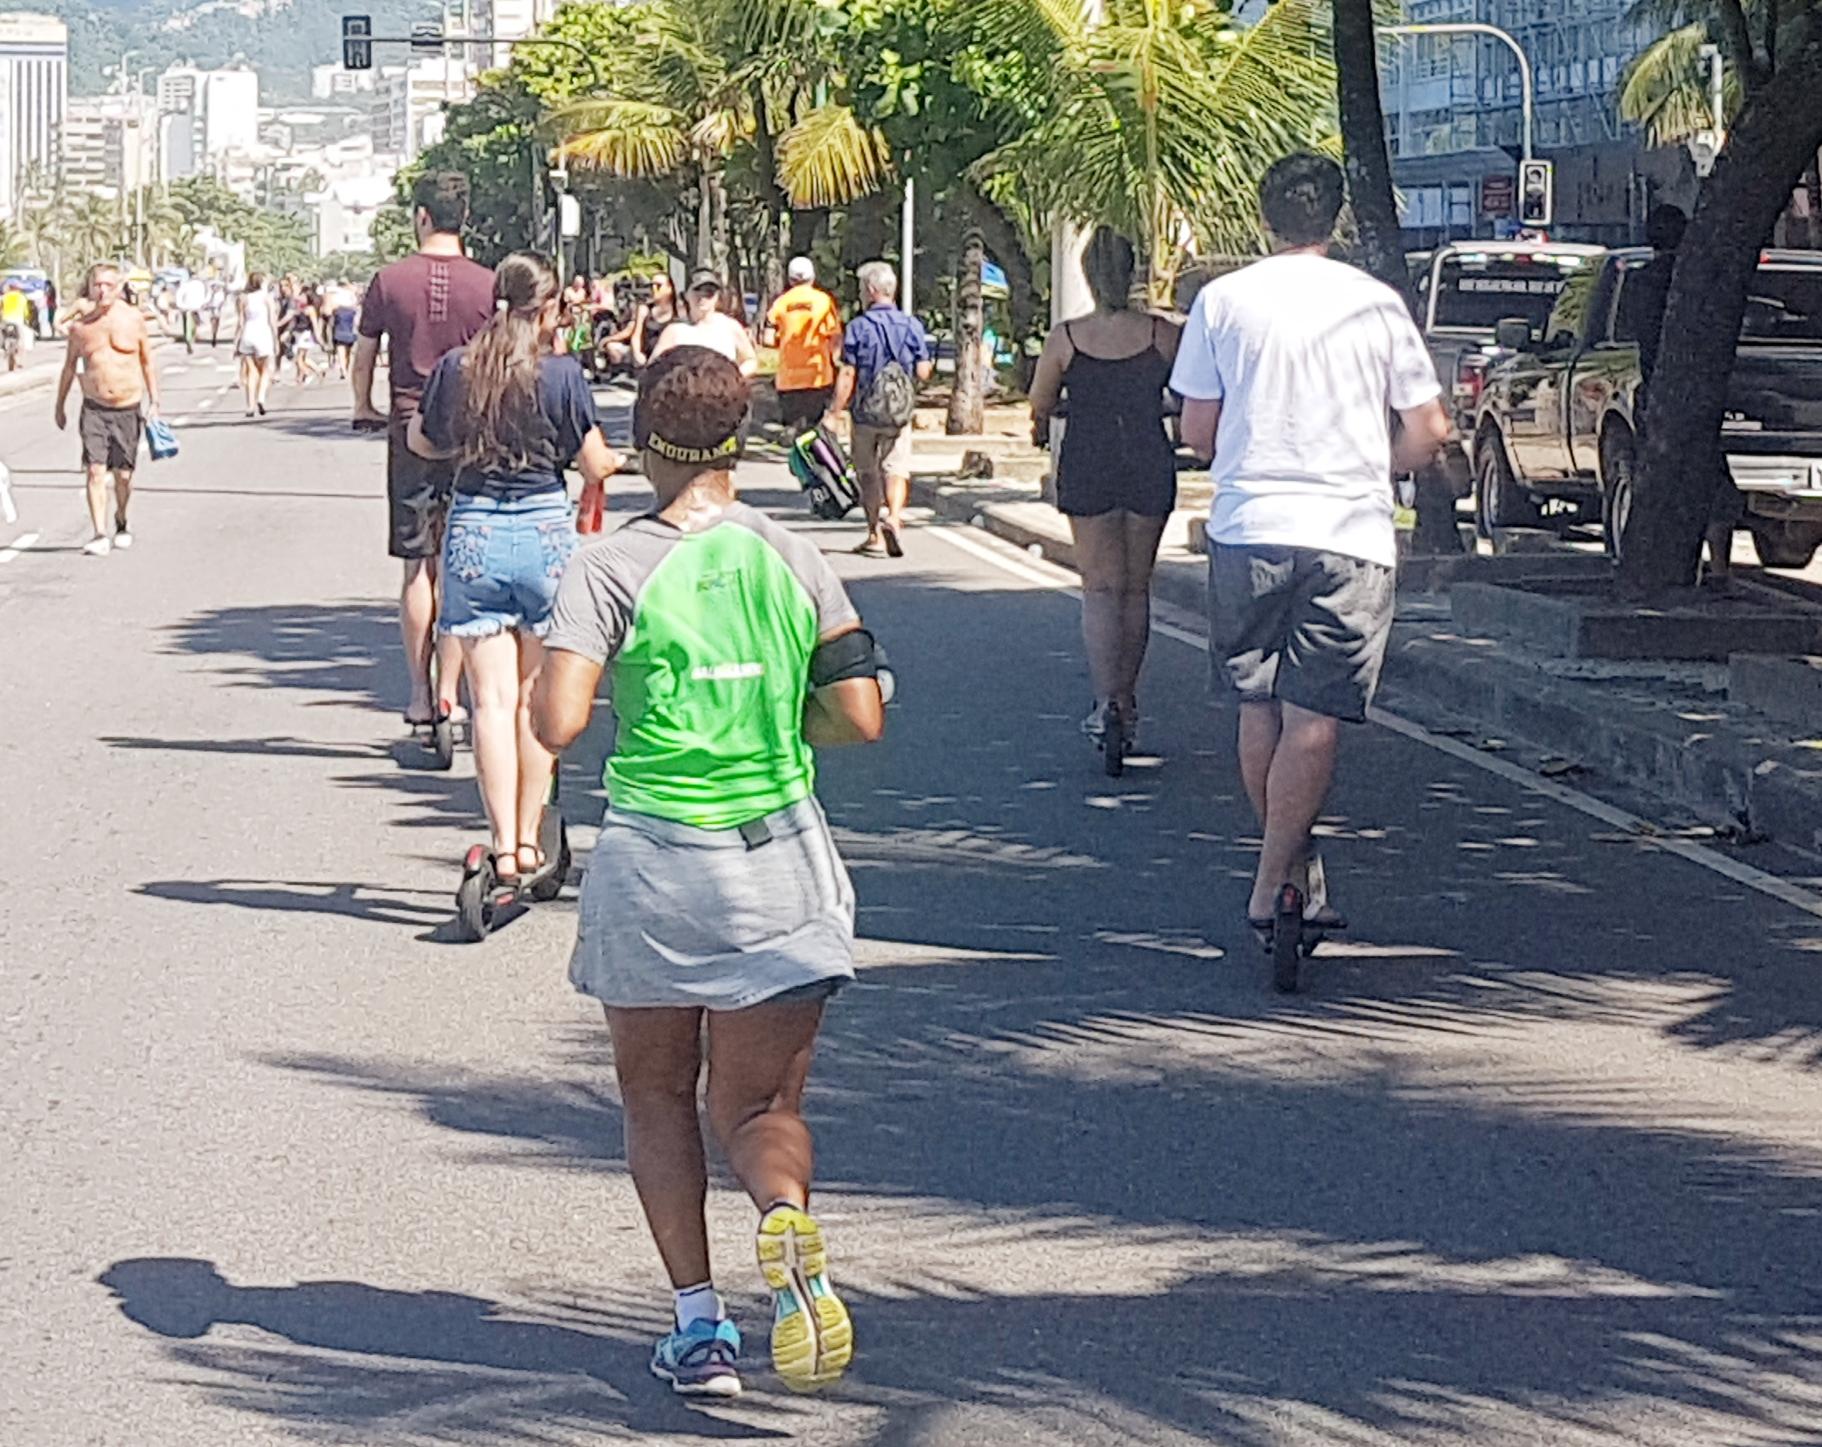 Patinetes no calçadão da Zona Sul do Rio: Serviços de compartilhamento já estão presentes em 11 capitais (Foto: Oscar Valporto)